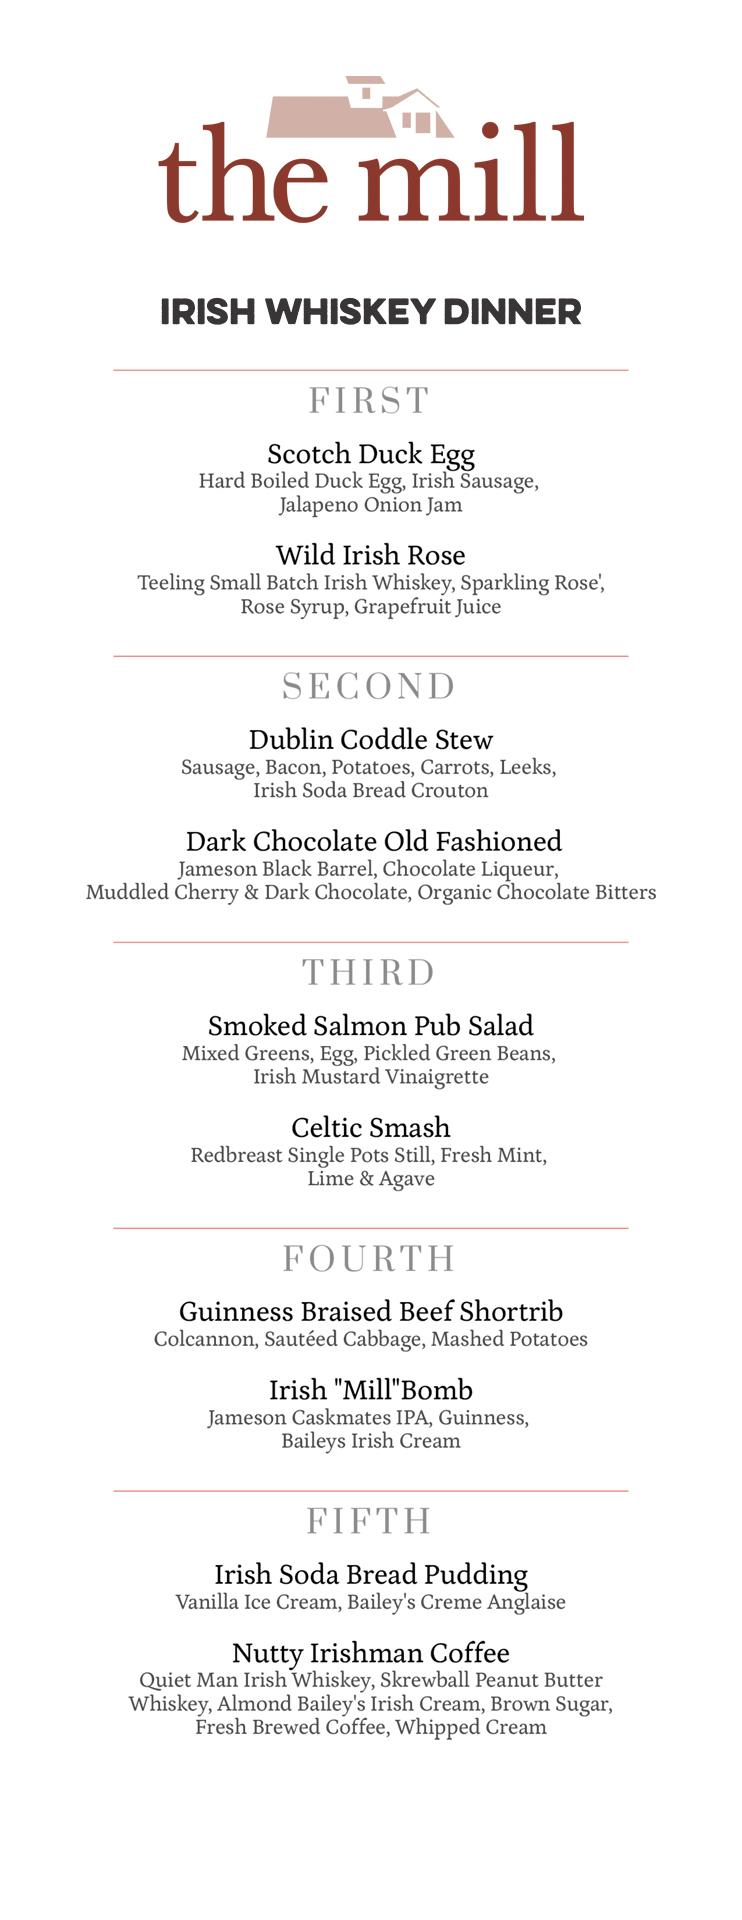 the mill logo and Irish Whiskey Dinner menu